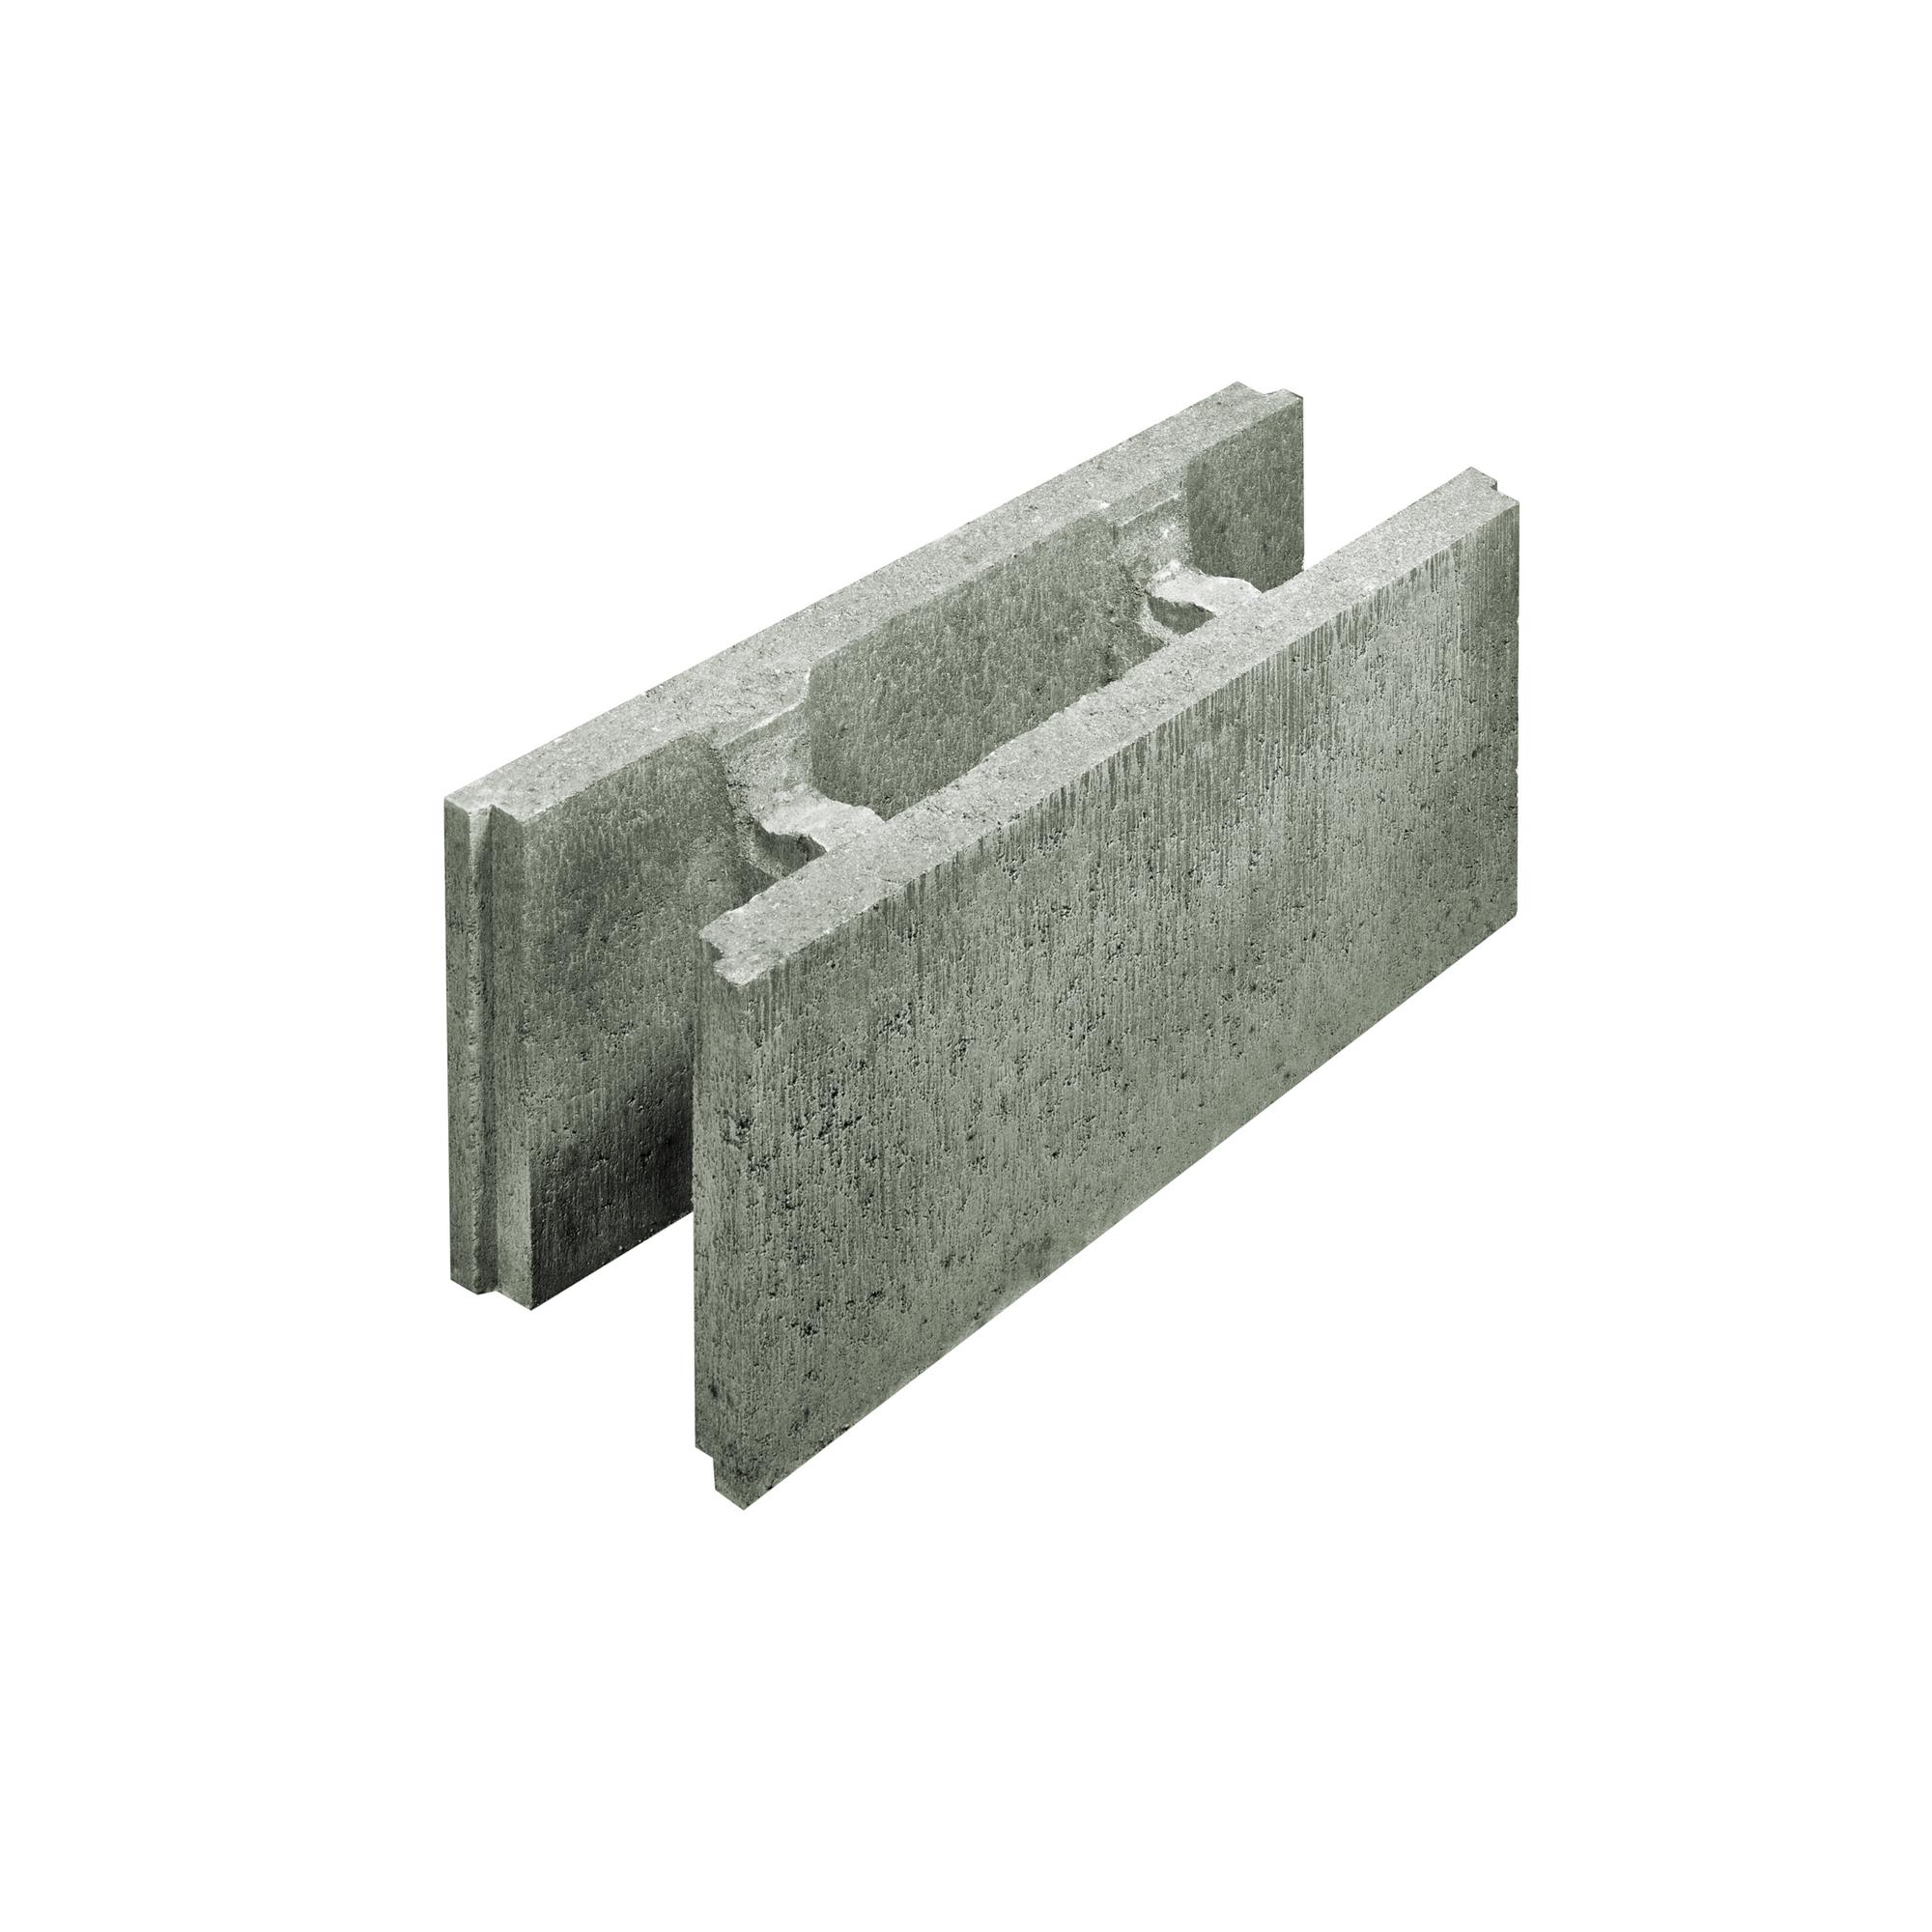 Lusit Schalungsstein 50 X 17 5 X 25 Cm Grau ǀ Toom Baumarkt